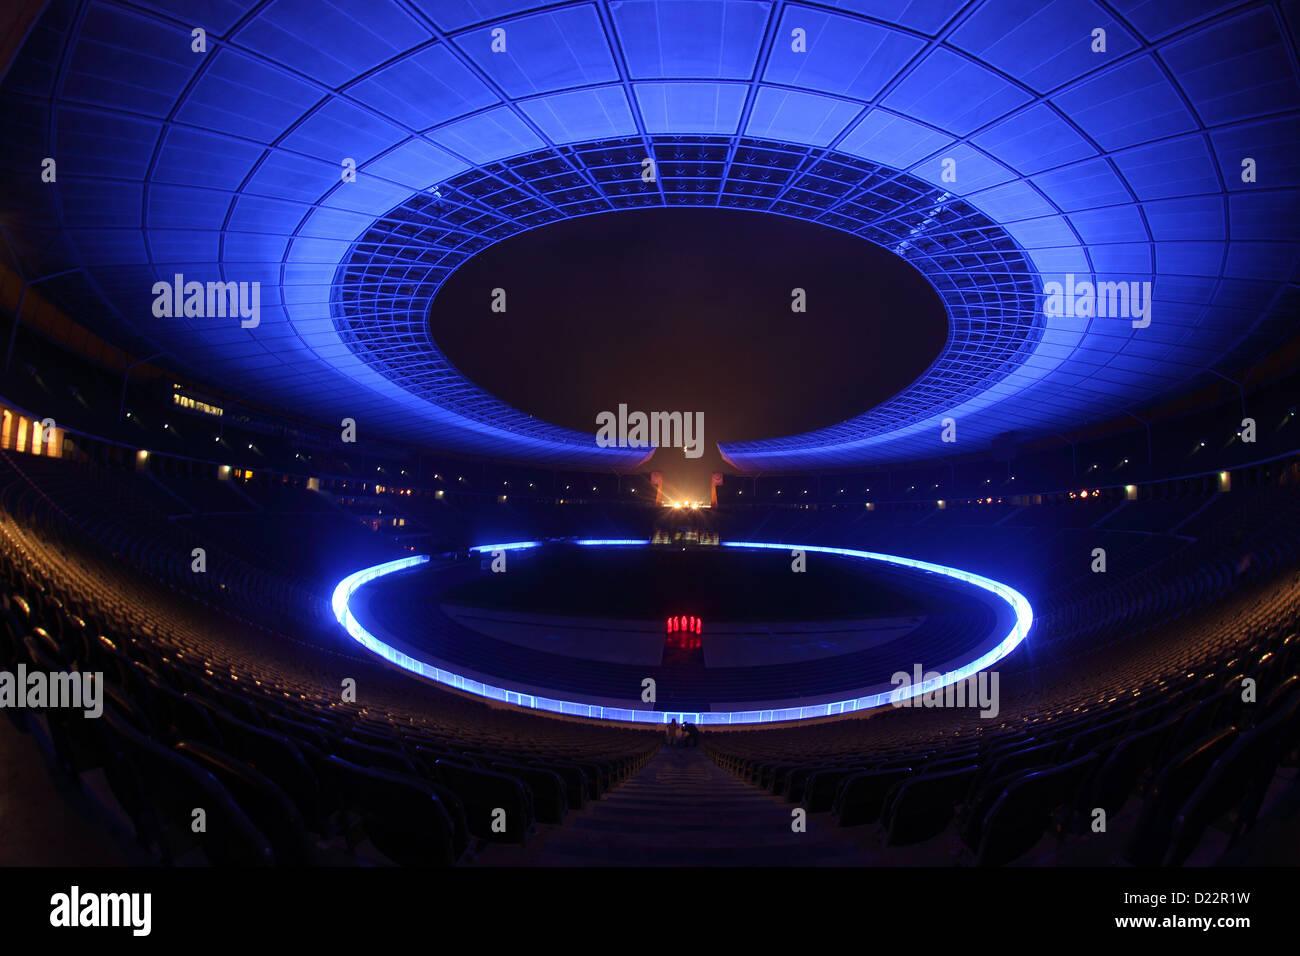 Berlín, Alemania, Waechter tiempo en el Estadio Olímpico durante el Festival de las luces 2012 Imagen De Stock